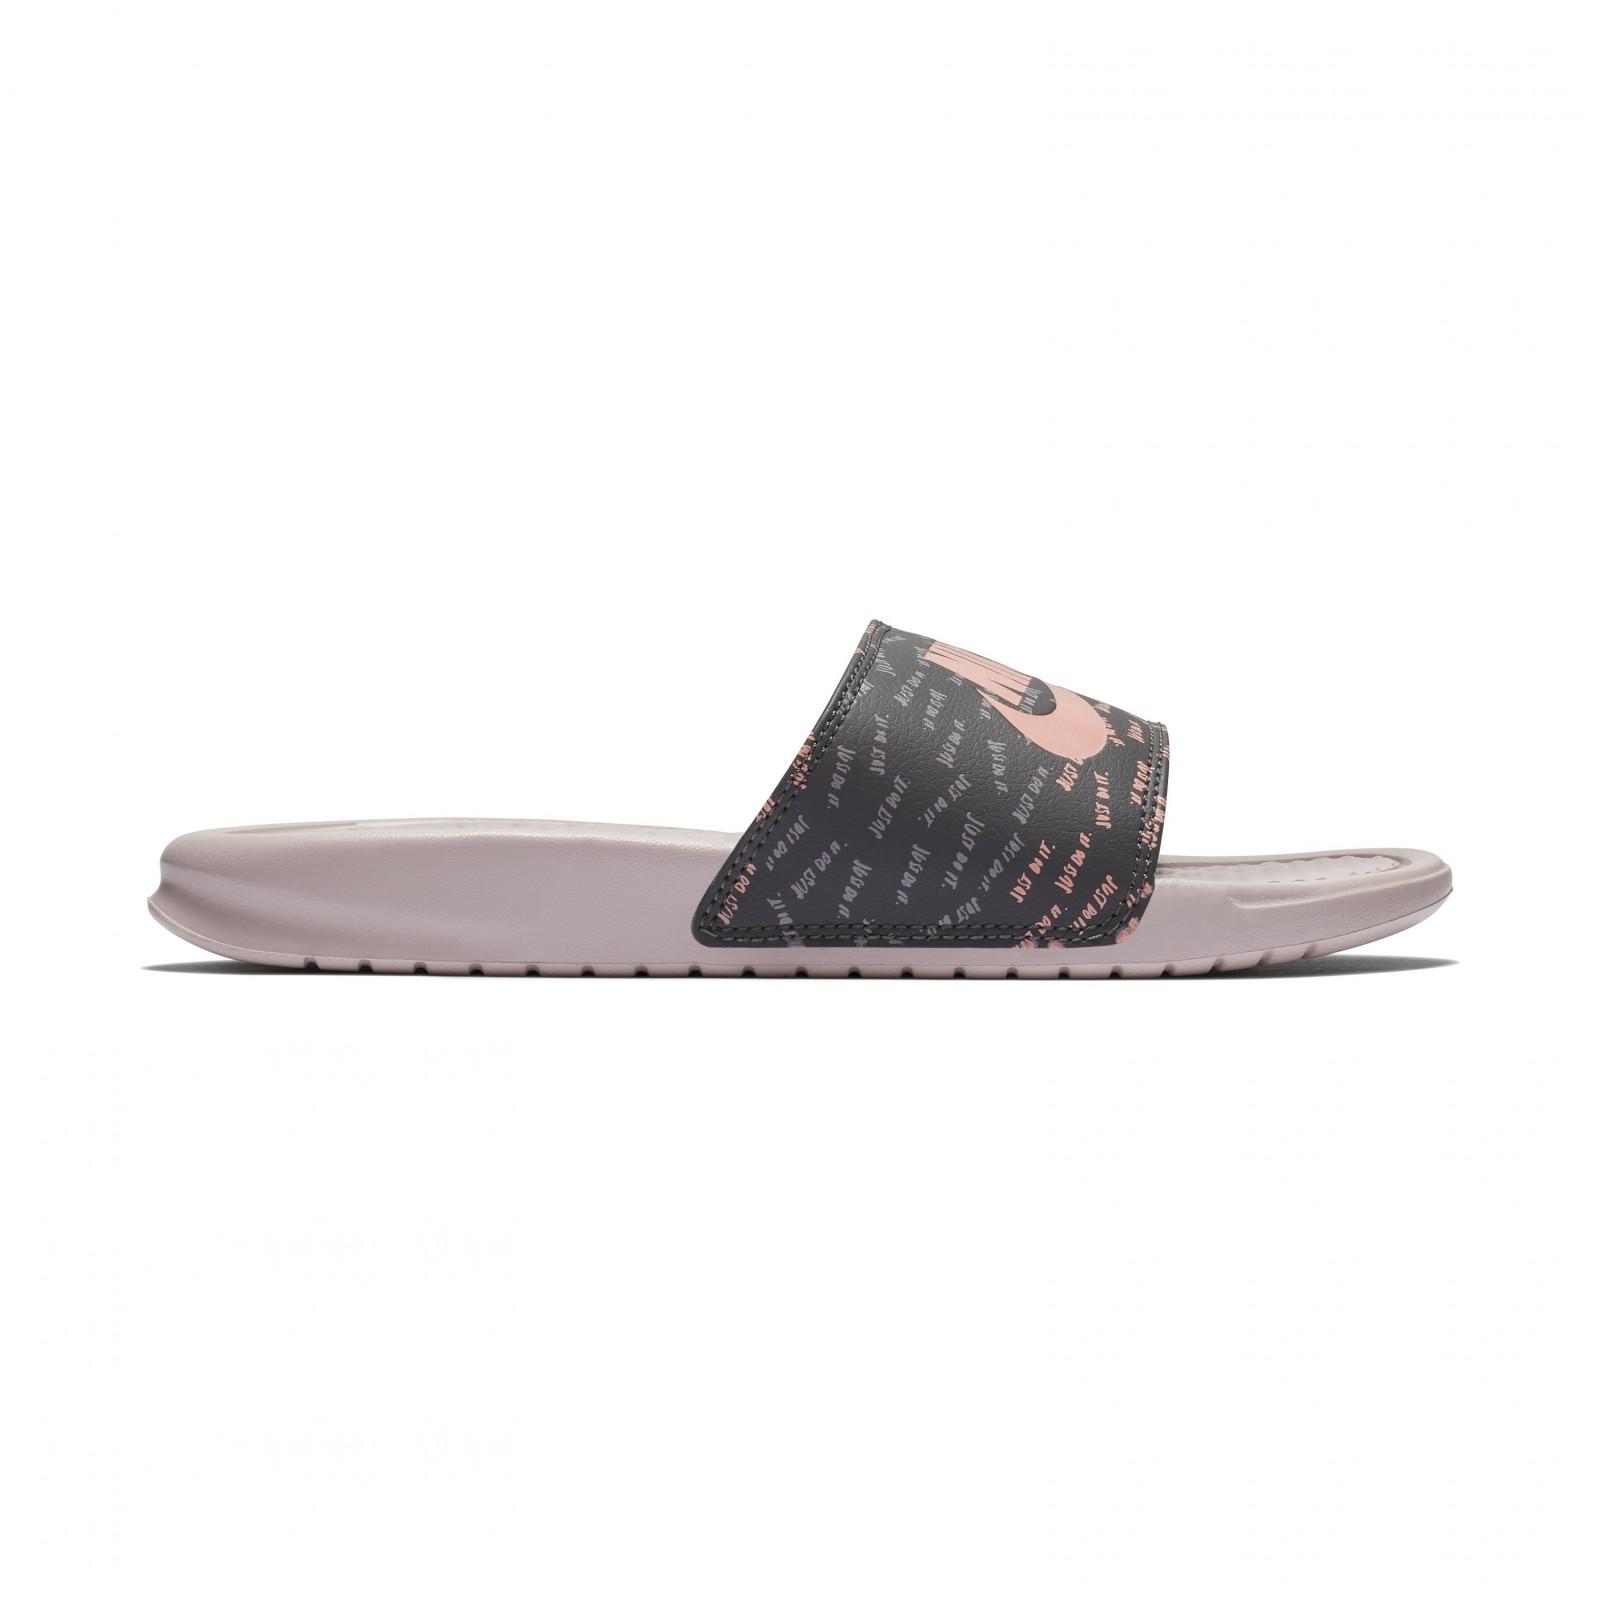 f438c7eb551 Dámské pantofle Nike WMNS BENASSI JDI PRINT